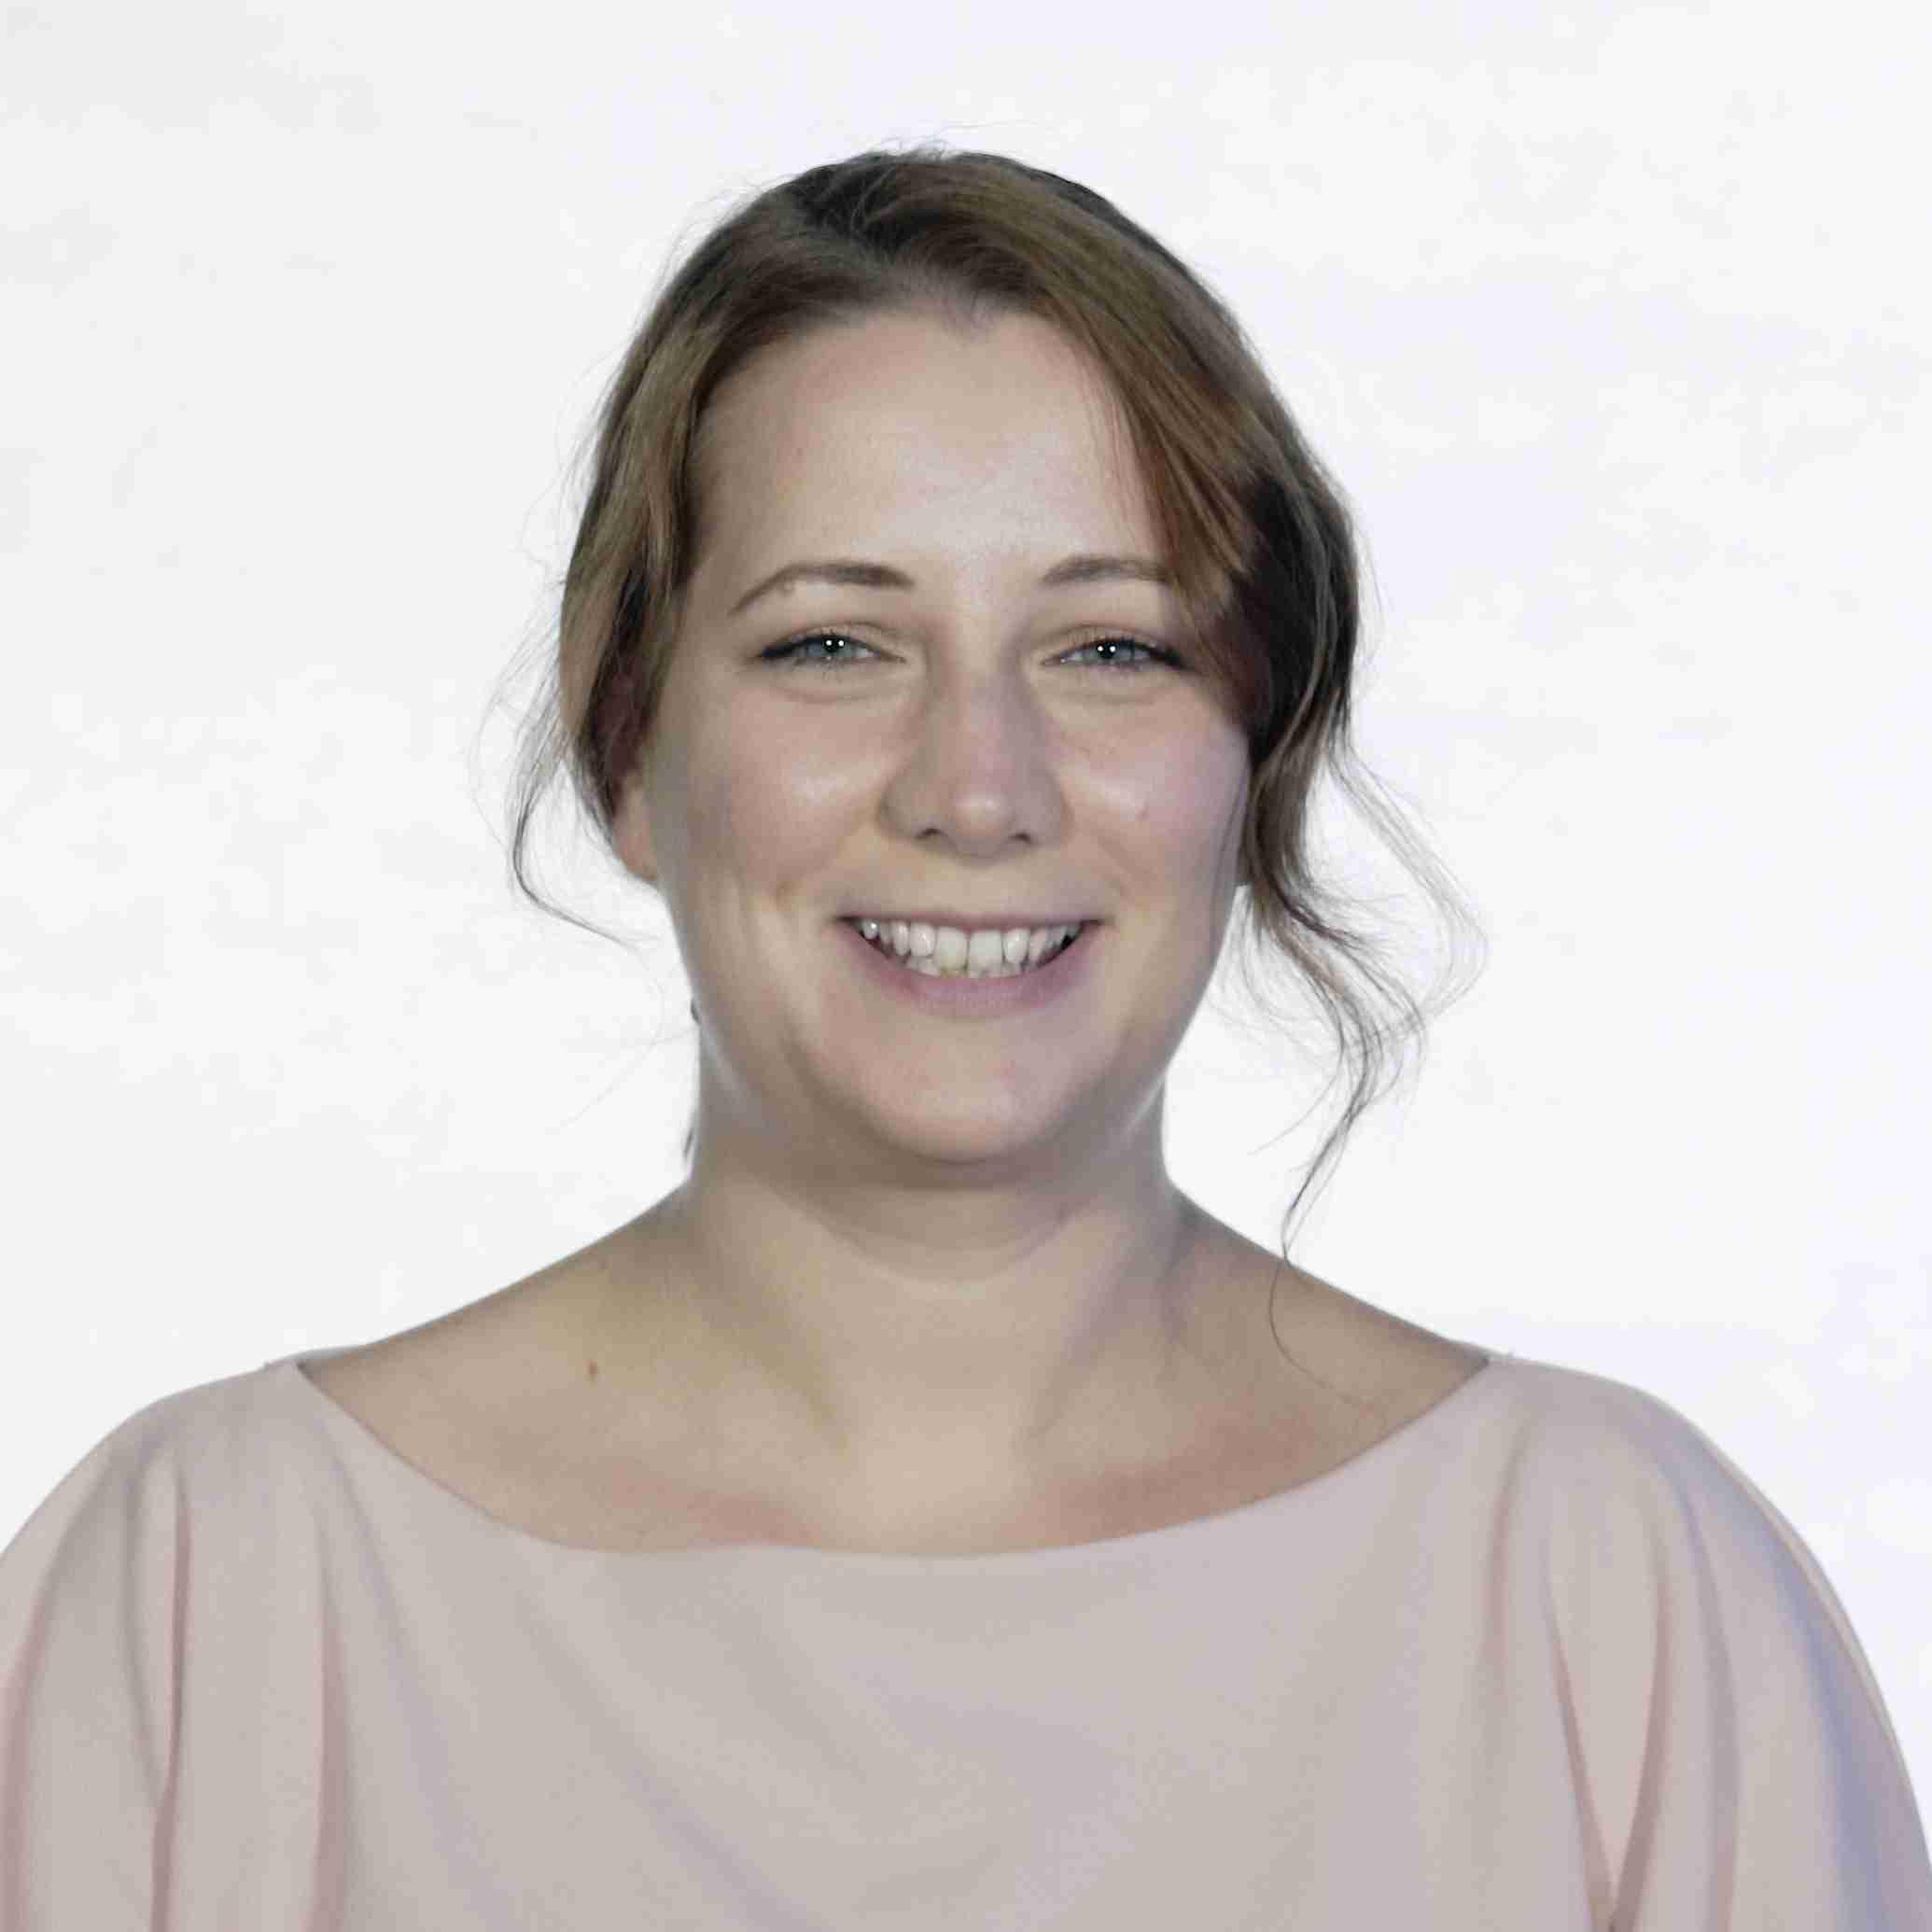 Emma Hunneyball